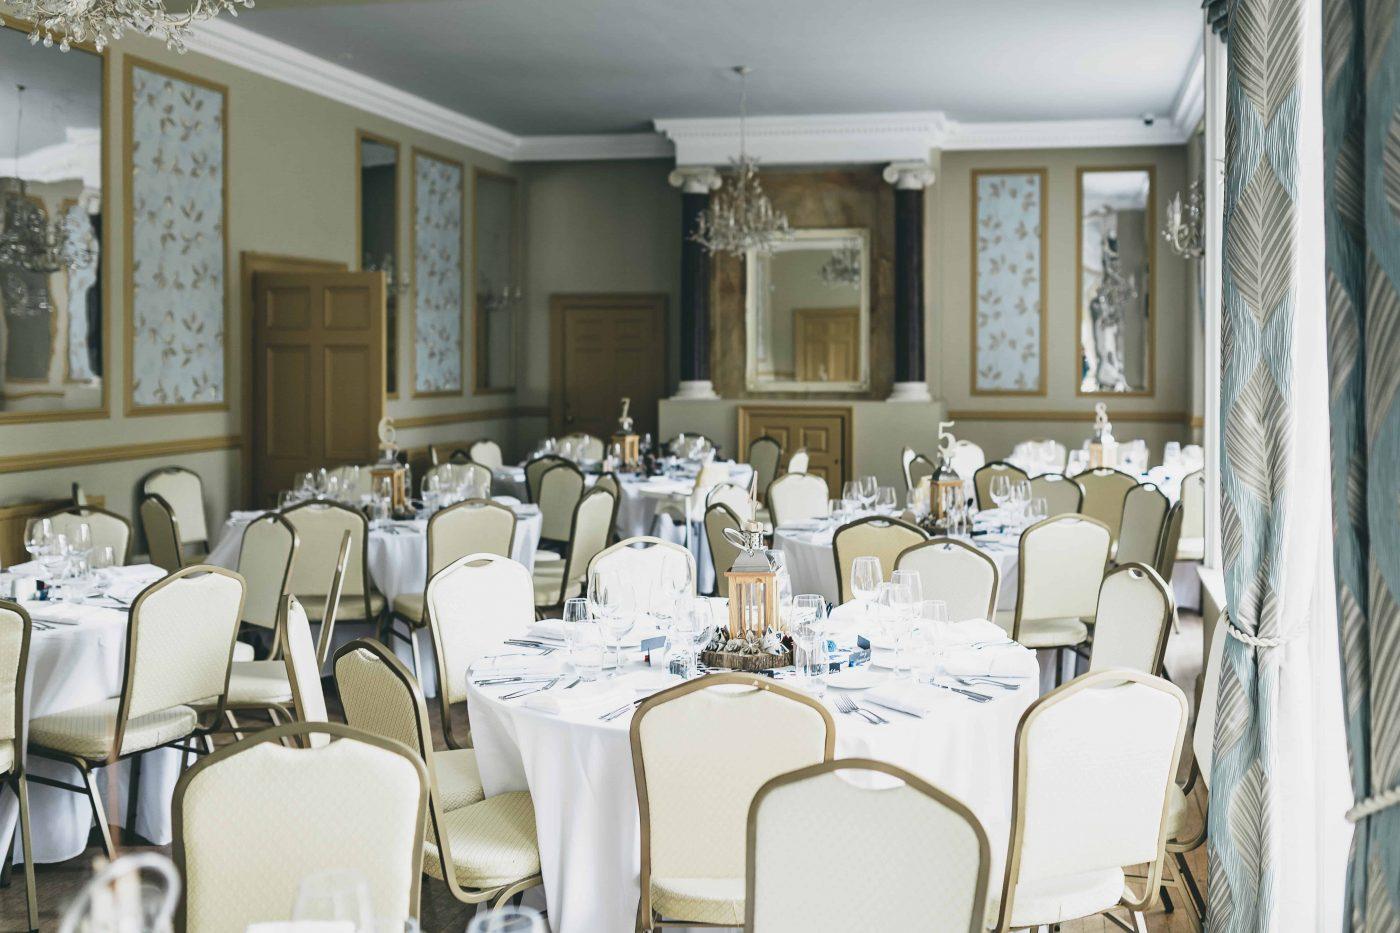 Glenfall House Wedding Venue